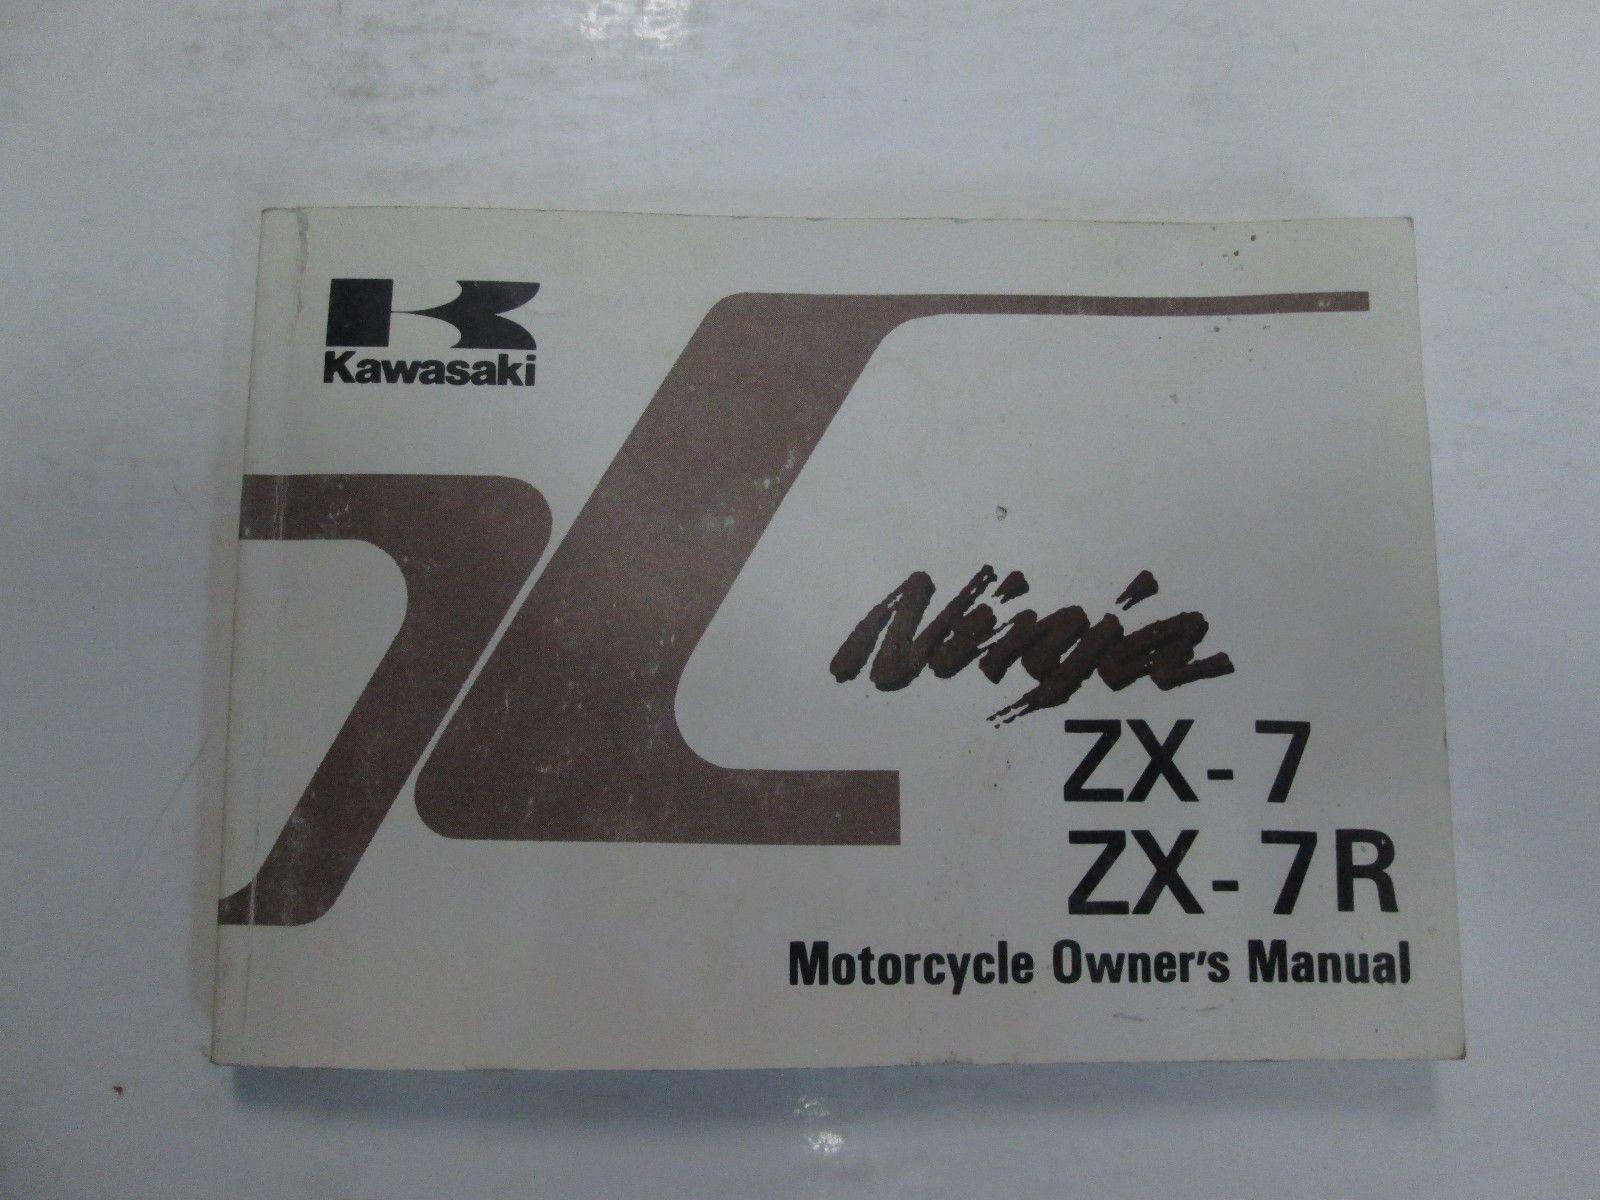 ... 1995 Kawasaki Ninja ZX-7 ZX7 ZX-7R ZX7R Motorcycle Owners Manual WORN  FADED ...